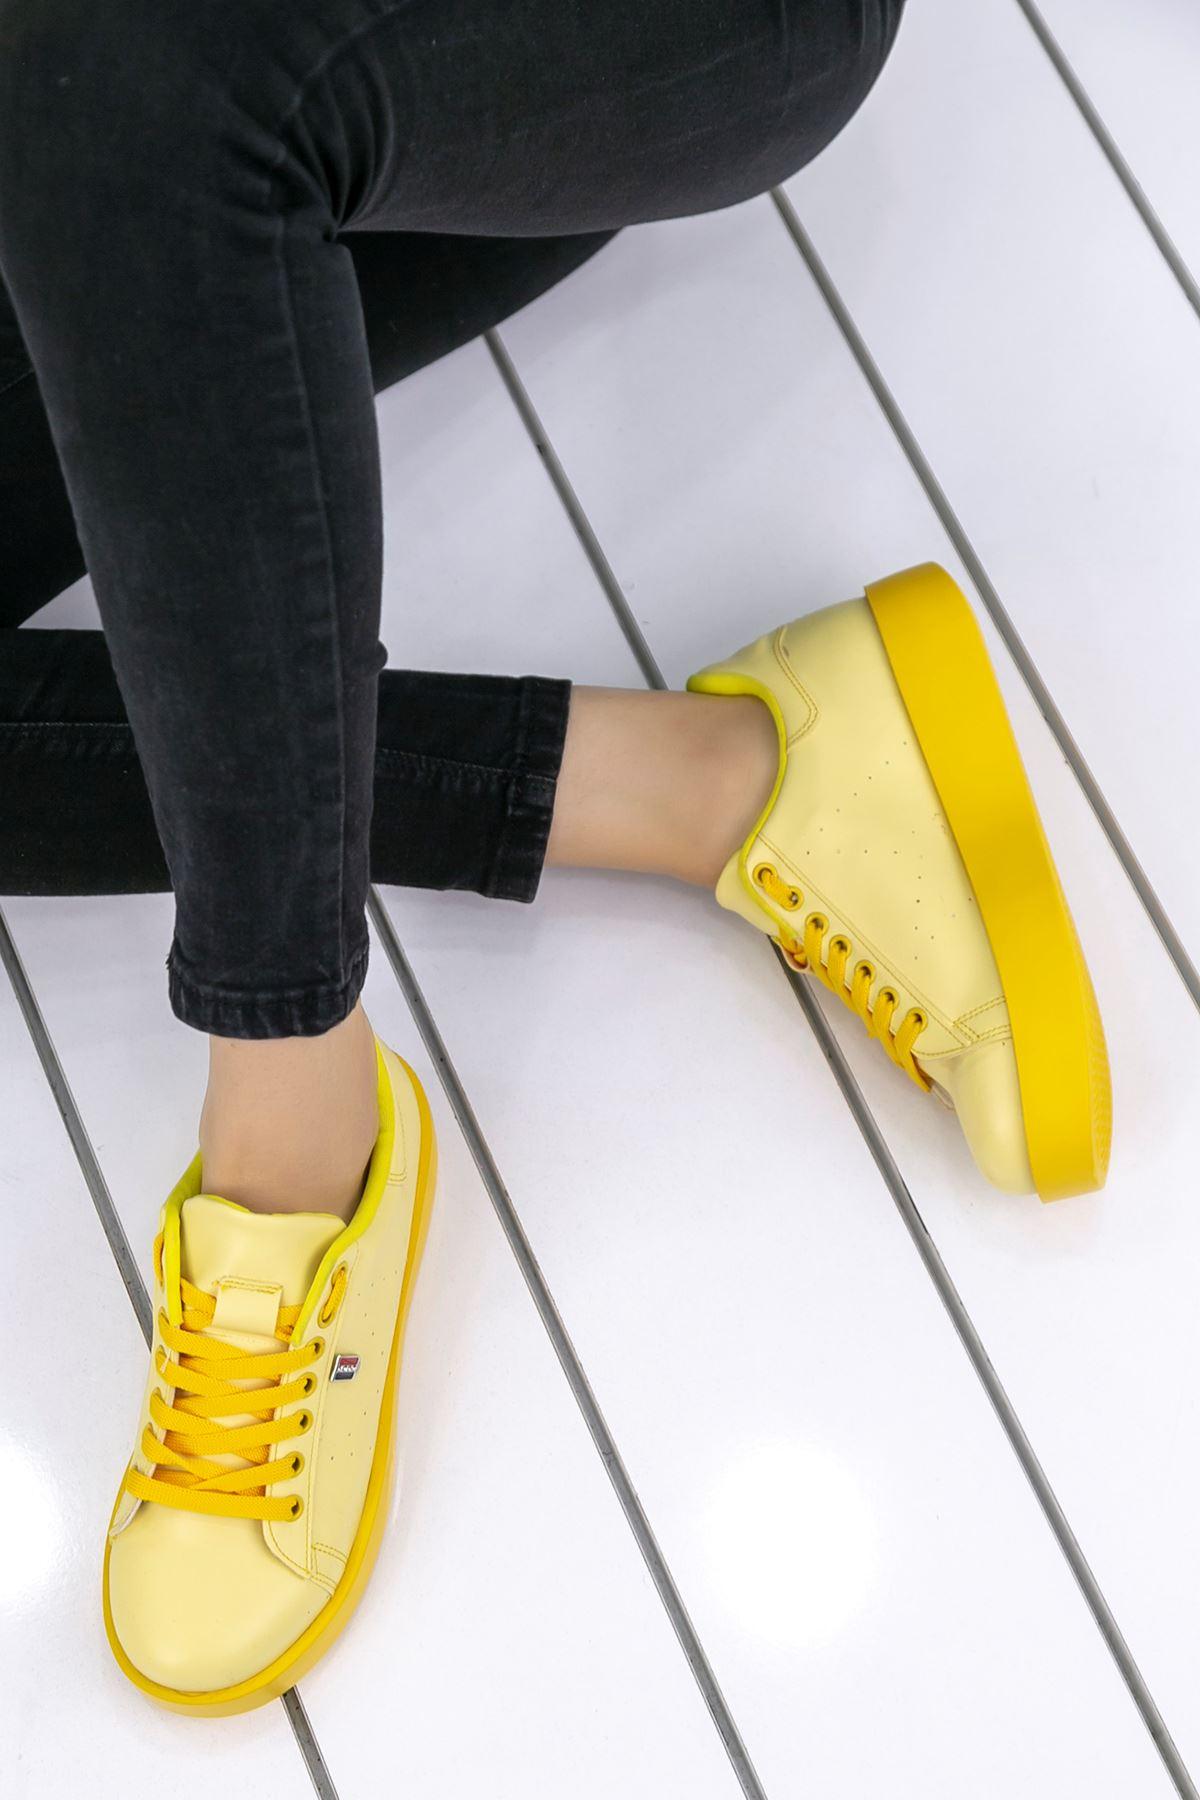 Luis Ortapedik Sarı Cilt Spor Ayakkabı